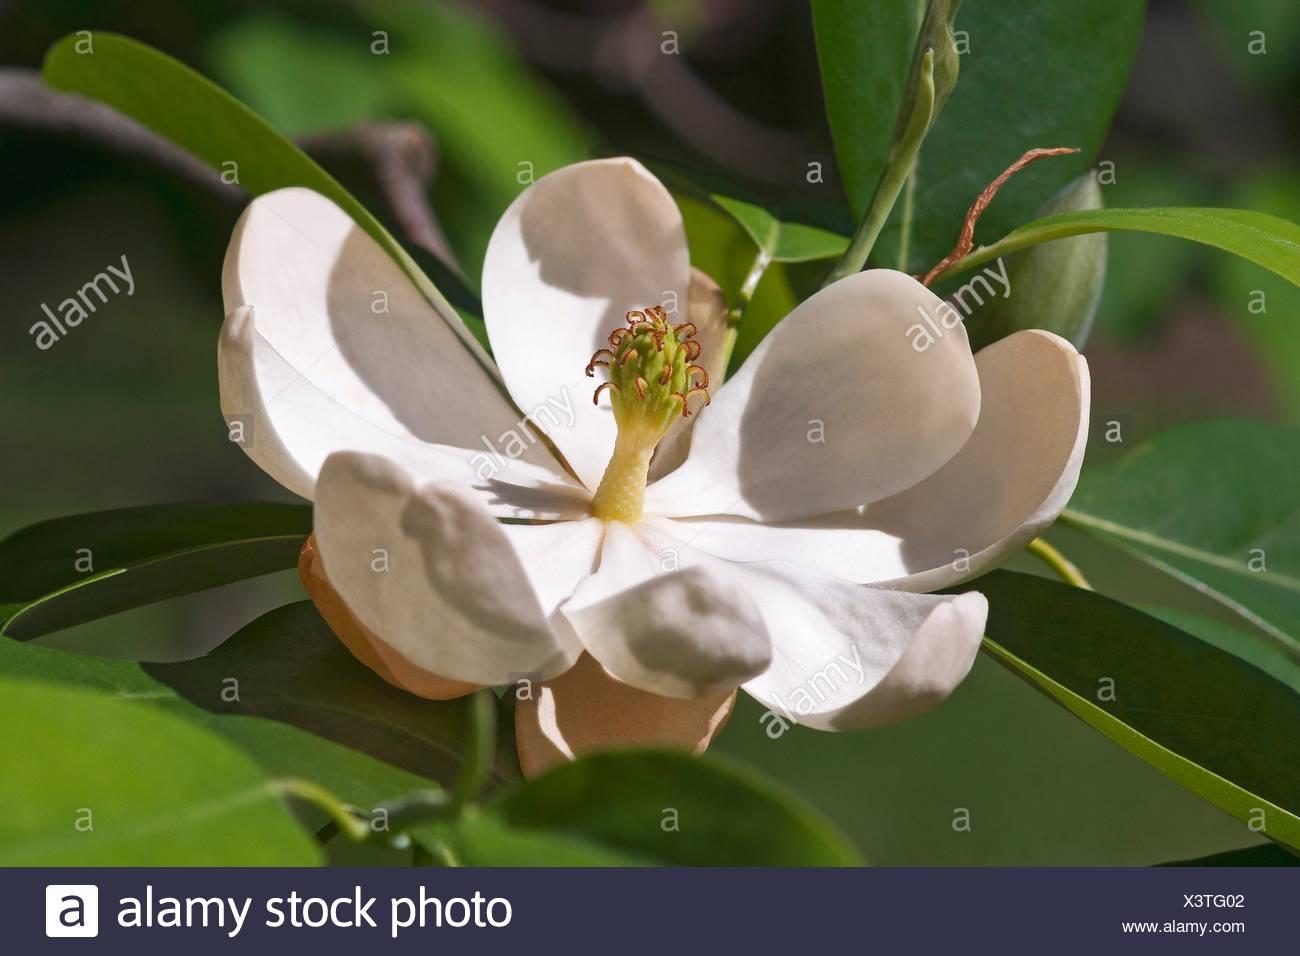 Sweetbay Magnolia Tree Stock Photos Sweetbay Magnolia Tree Stock